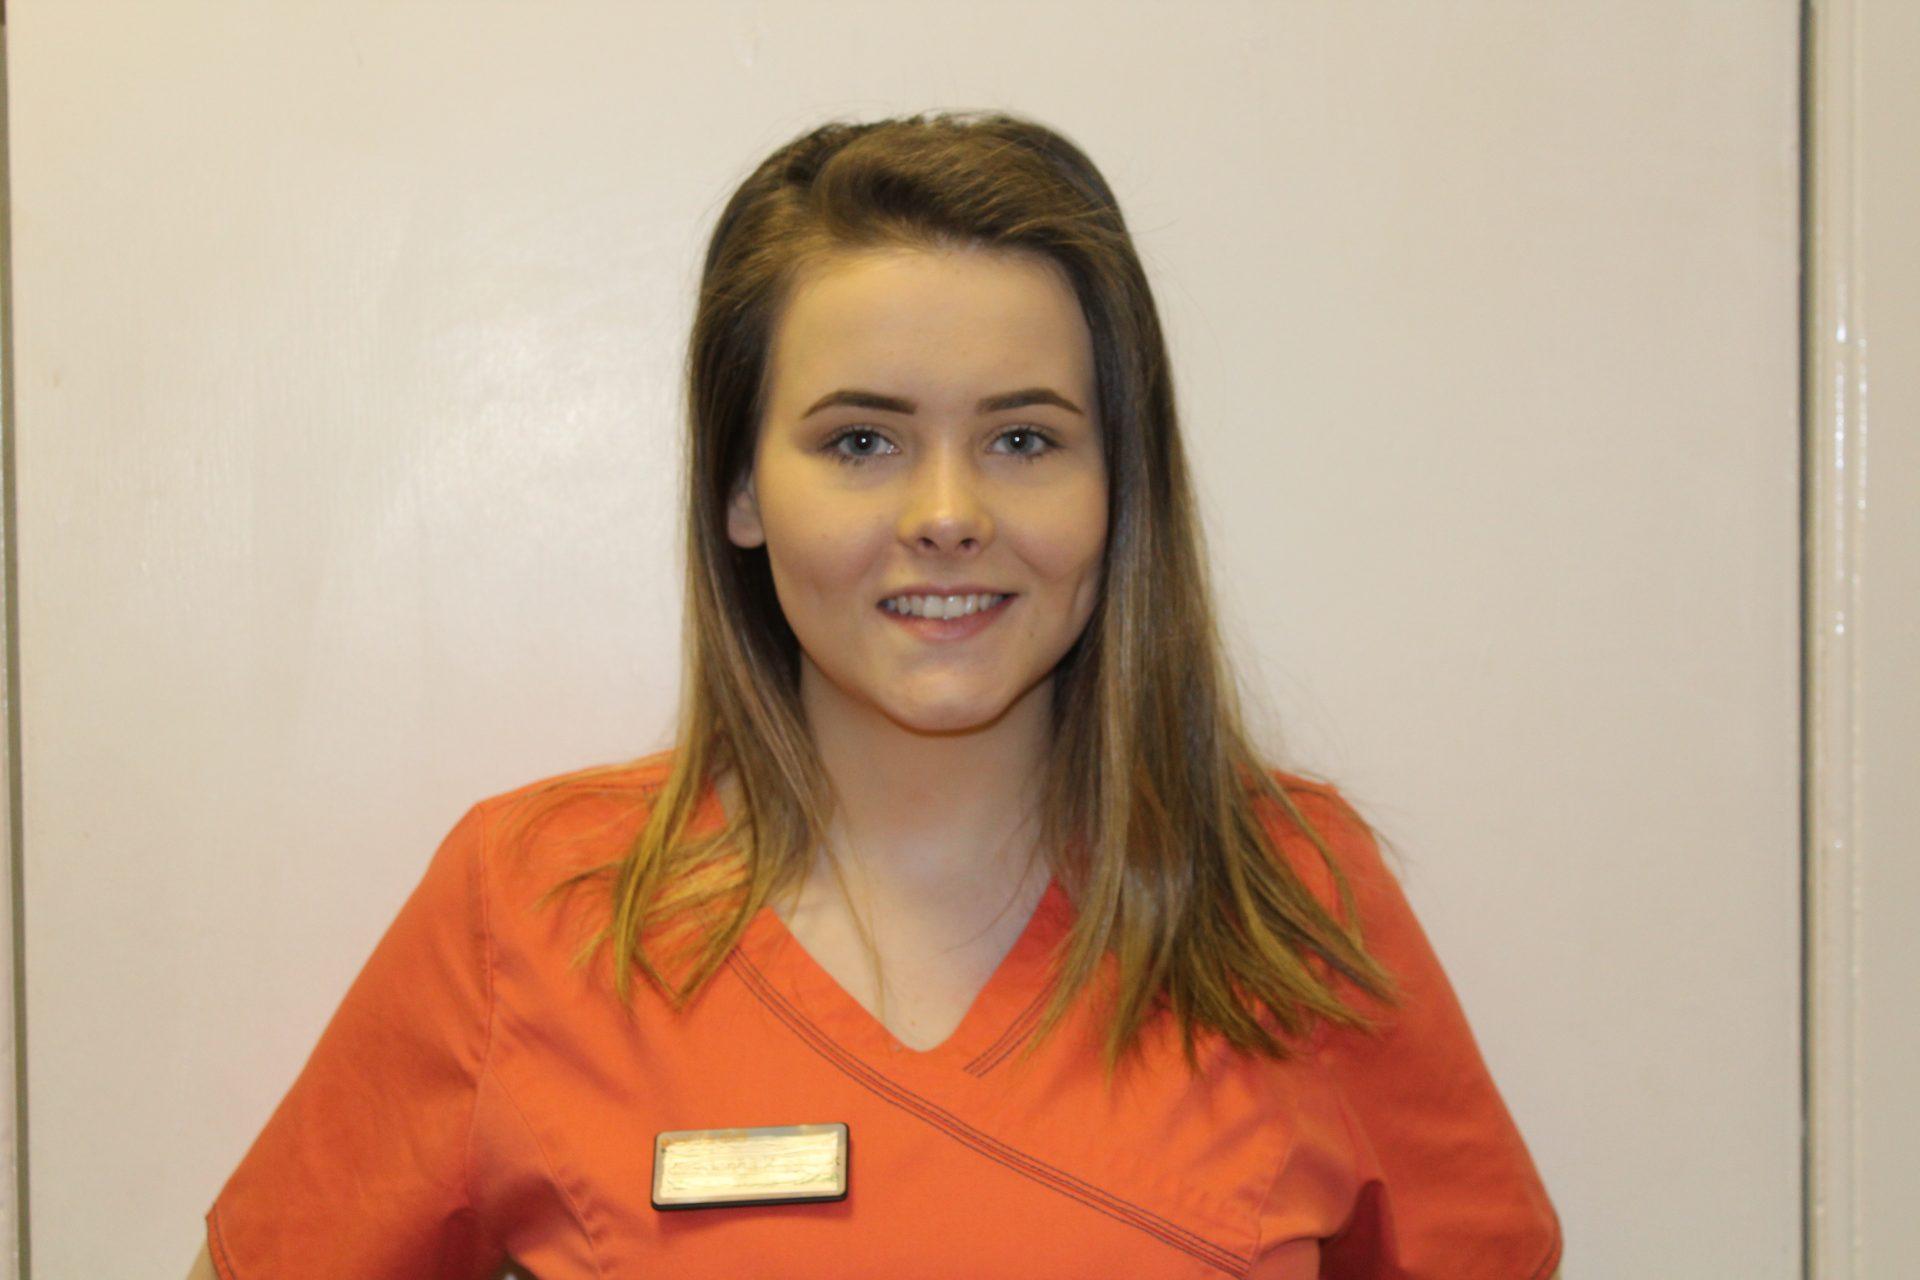 Miss Jenna Kilpatrick Trainee Dental Nurse